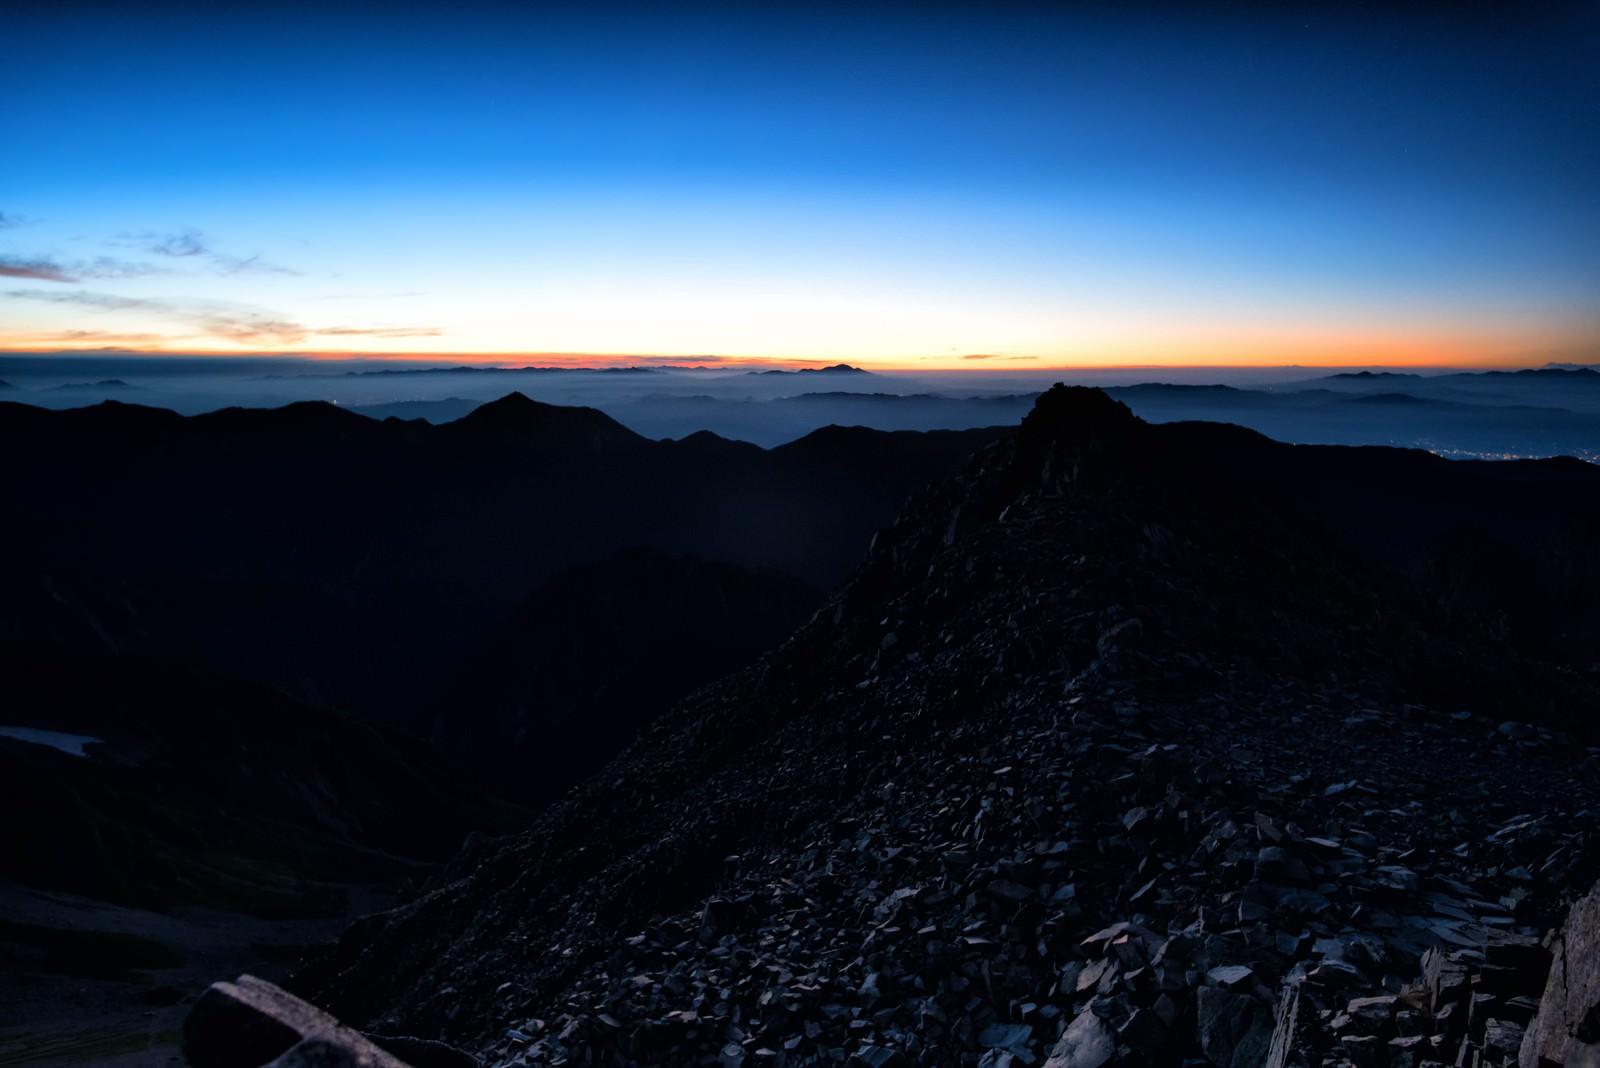 「夜明けの穂高岳」の写真